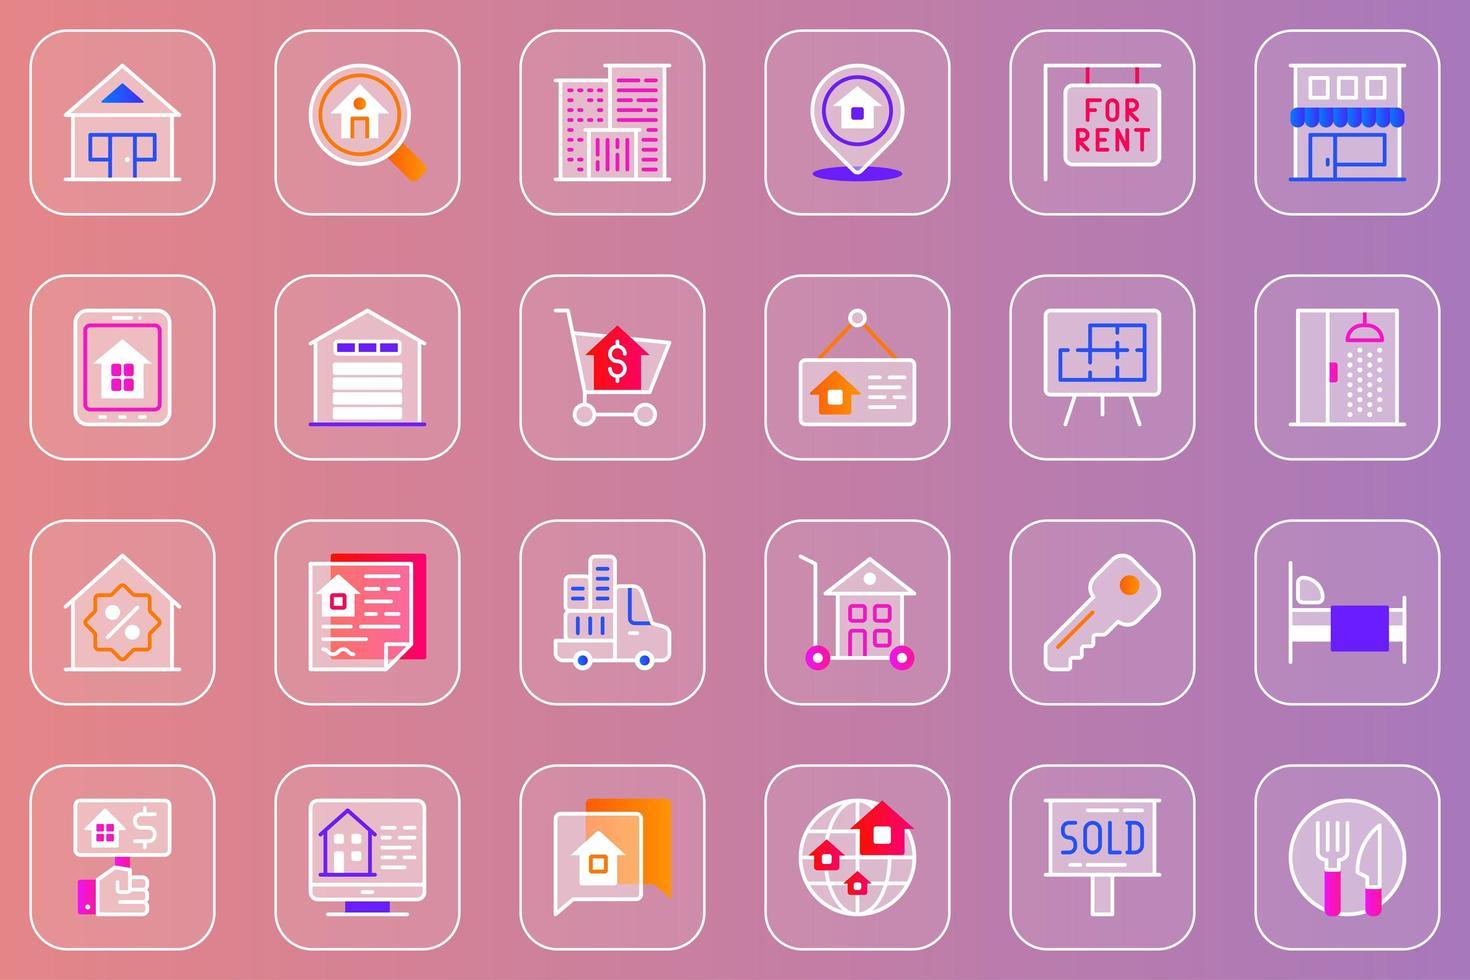 conjunto de ícones glassmorphic da web imobiliária vetor